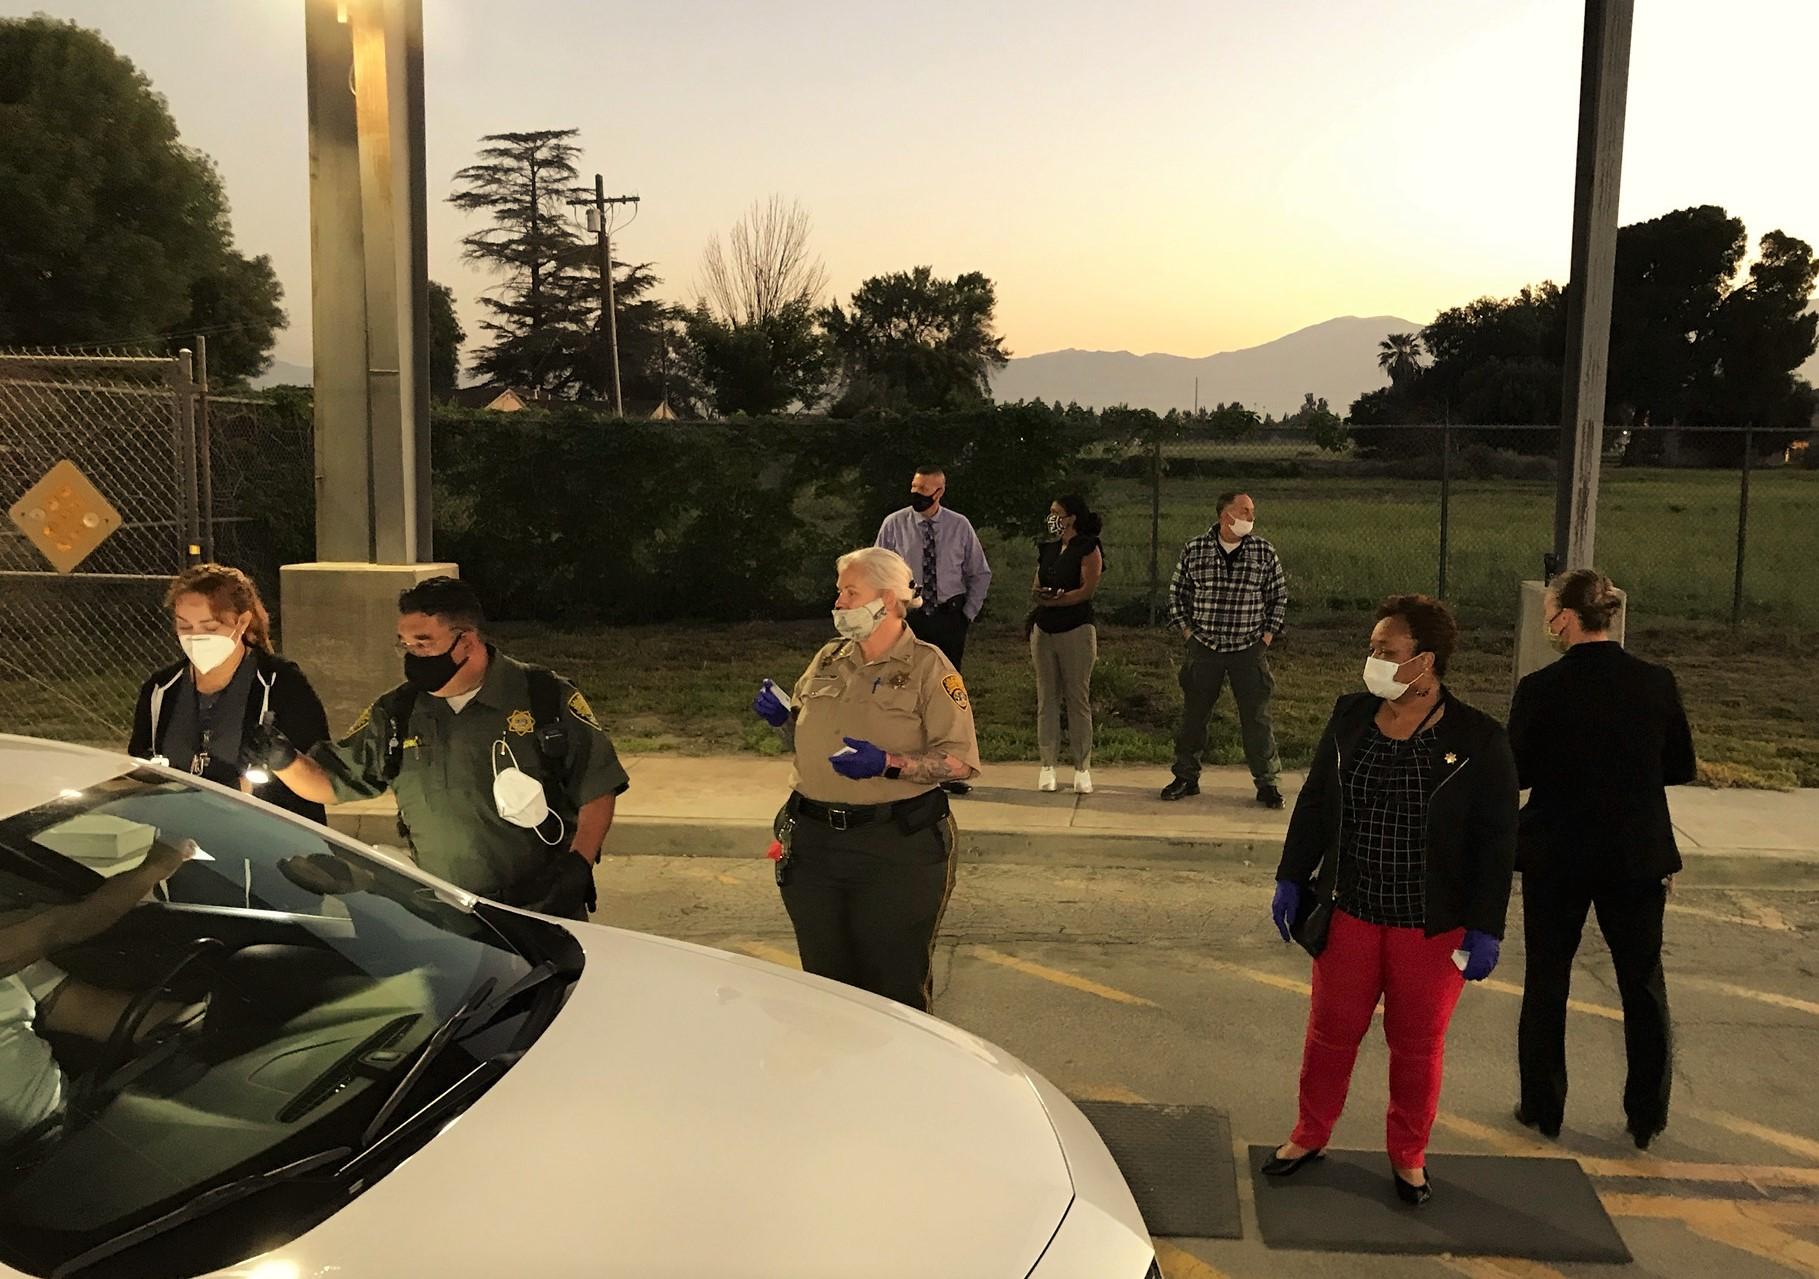 Men and woman wait at a prison entrance.